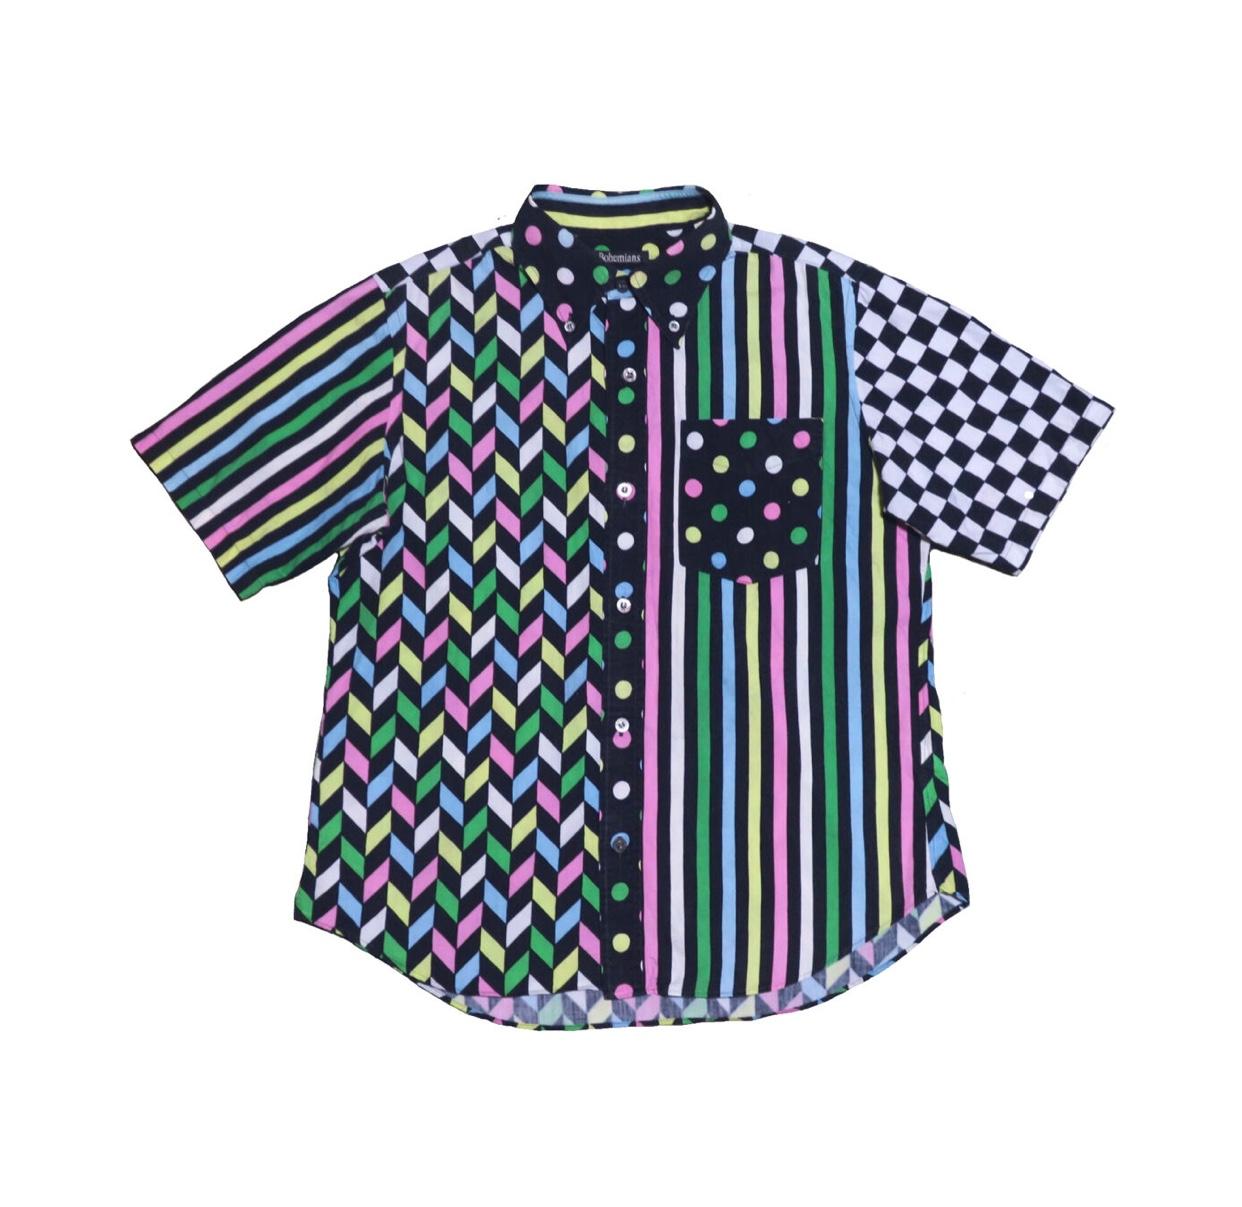 Bohemians『クレージーパターンシャツ』UPしました